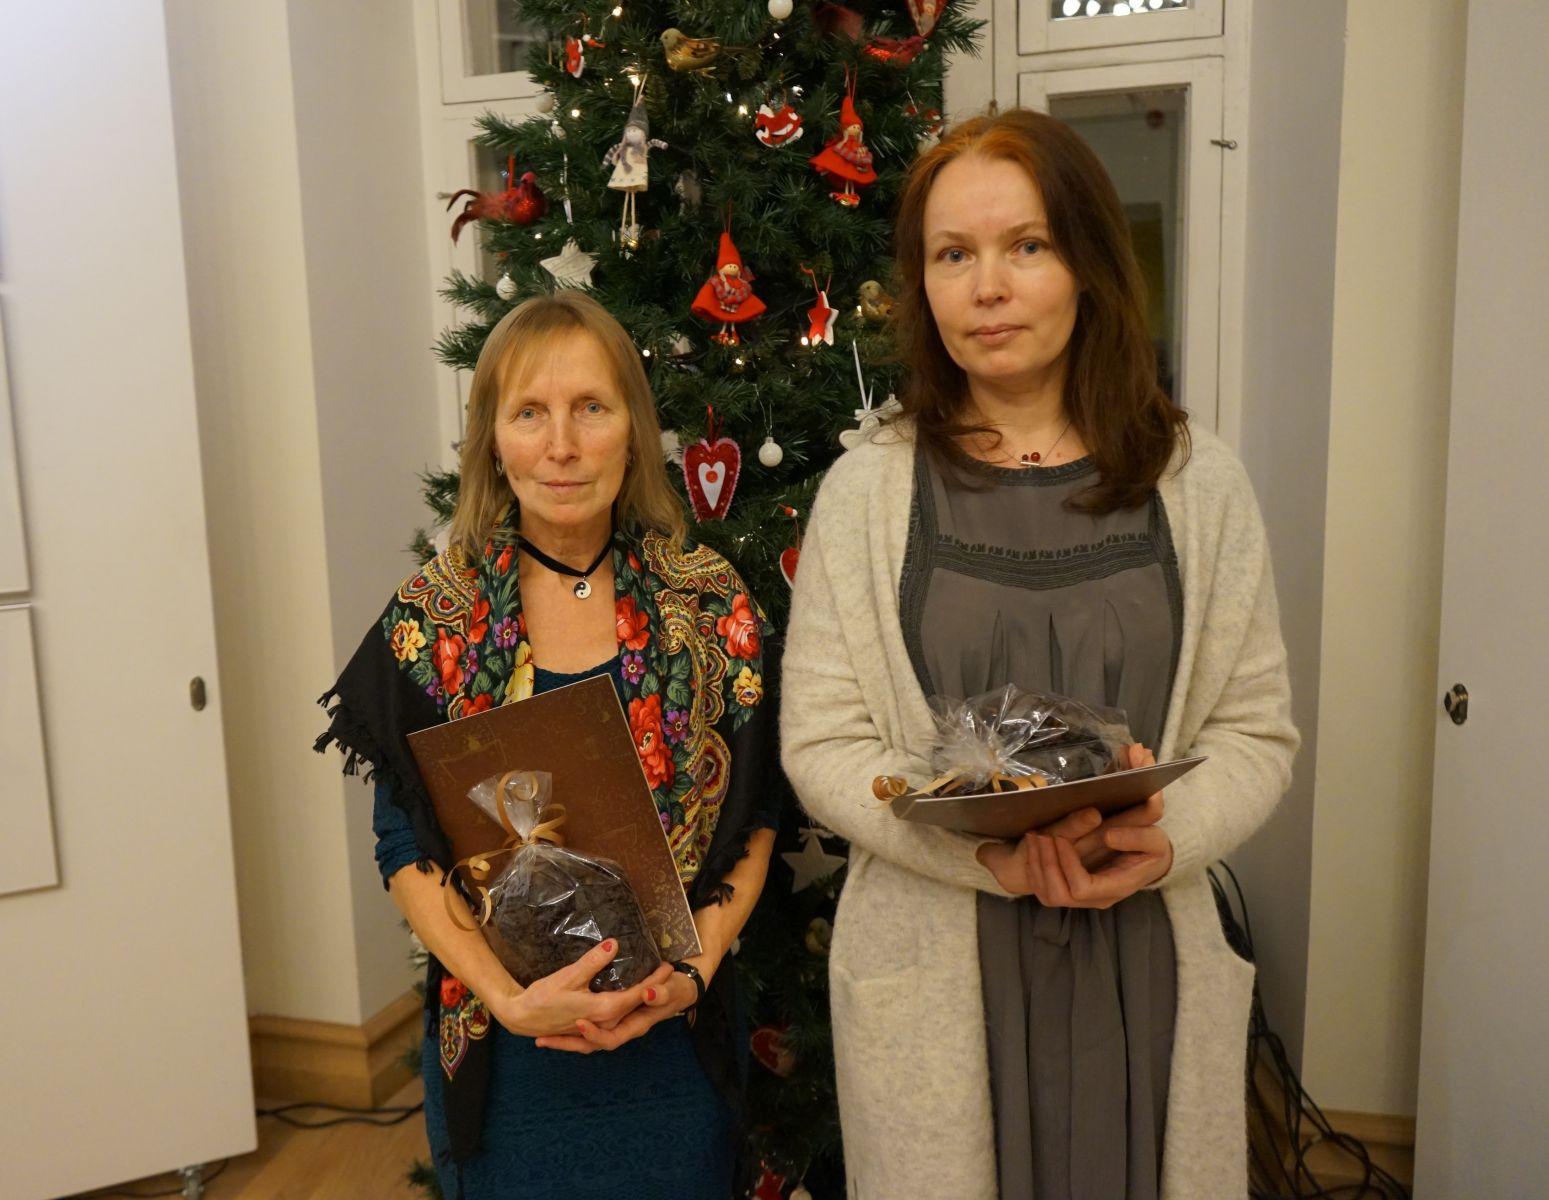 Aasta rosin 2017. Mare Müürsepp ja Angelika Schnider